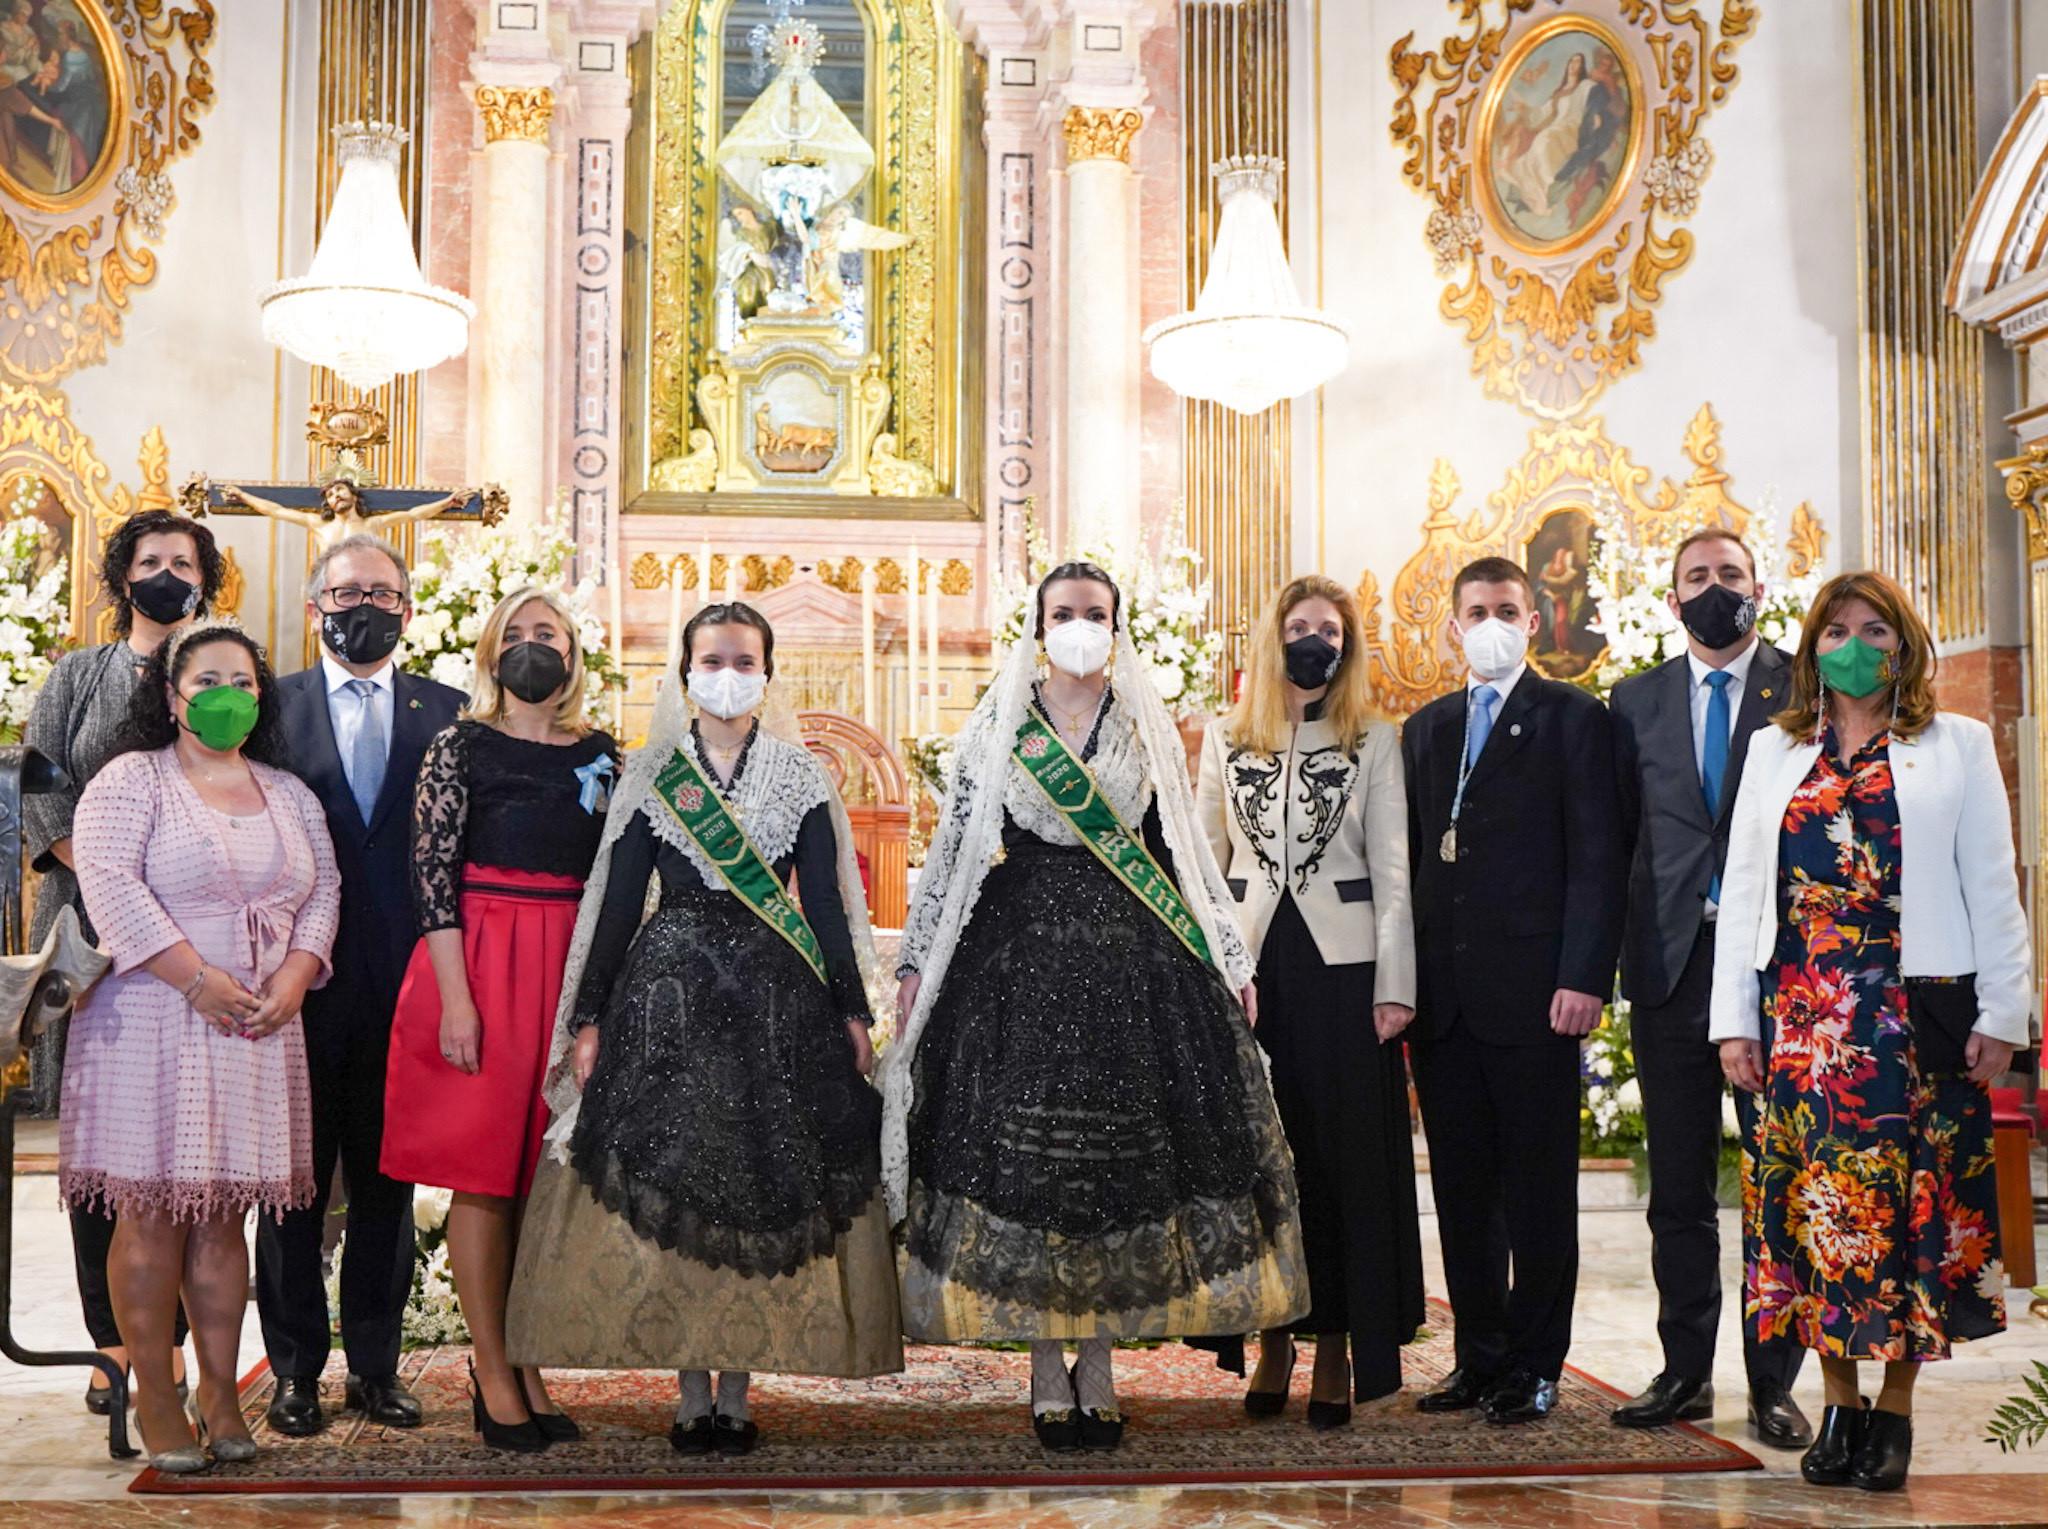 Alcaldesa y presidente de la Diputación, con las reinas de las fiestas y los presidentes de la Real Cofradía del Lledó, en la basílica.